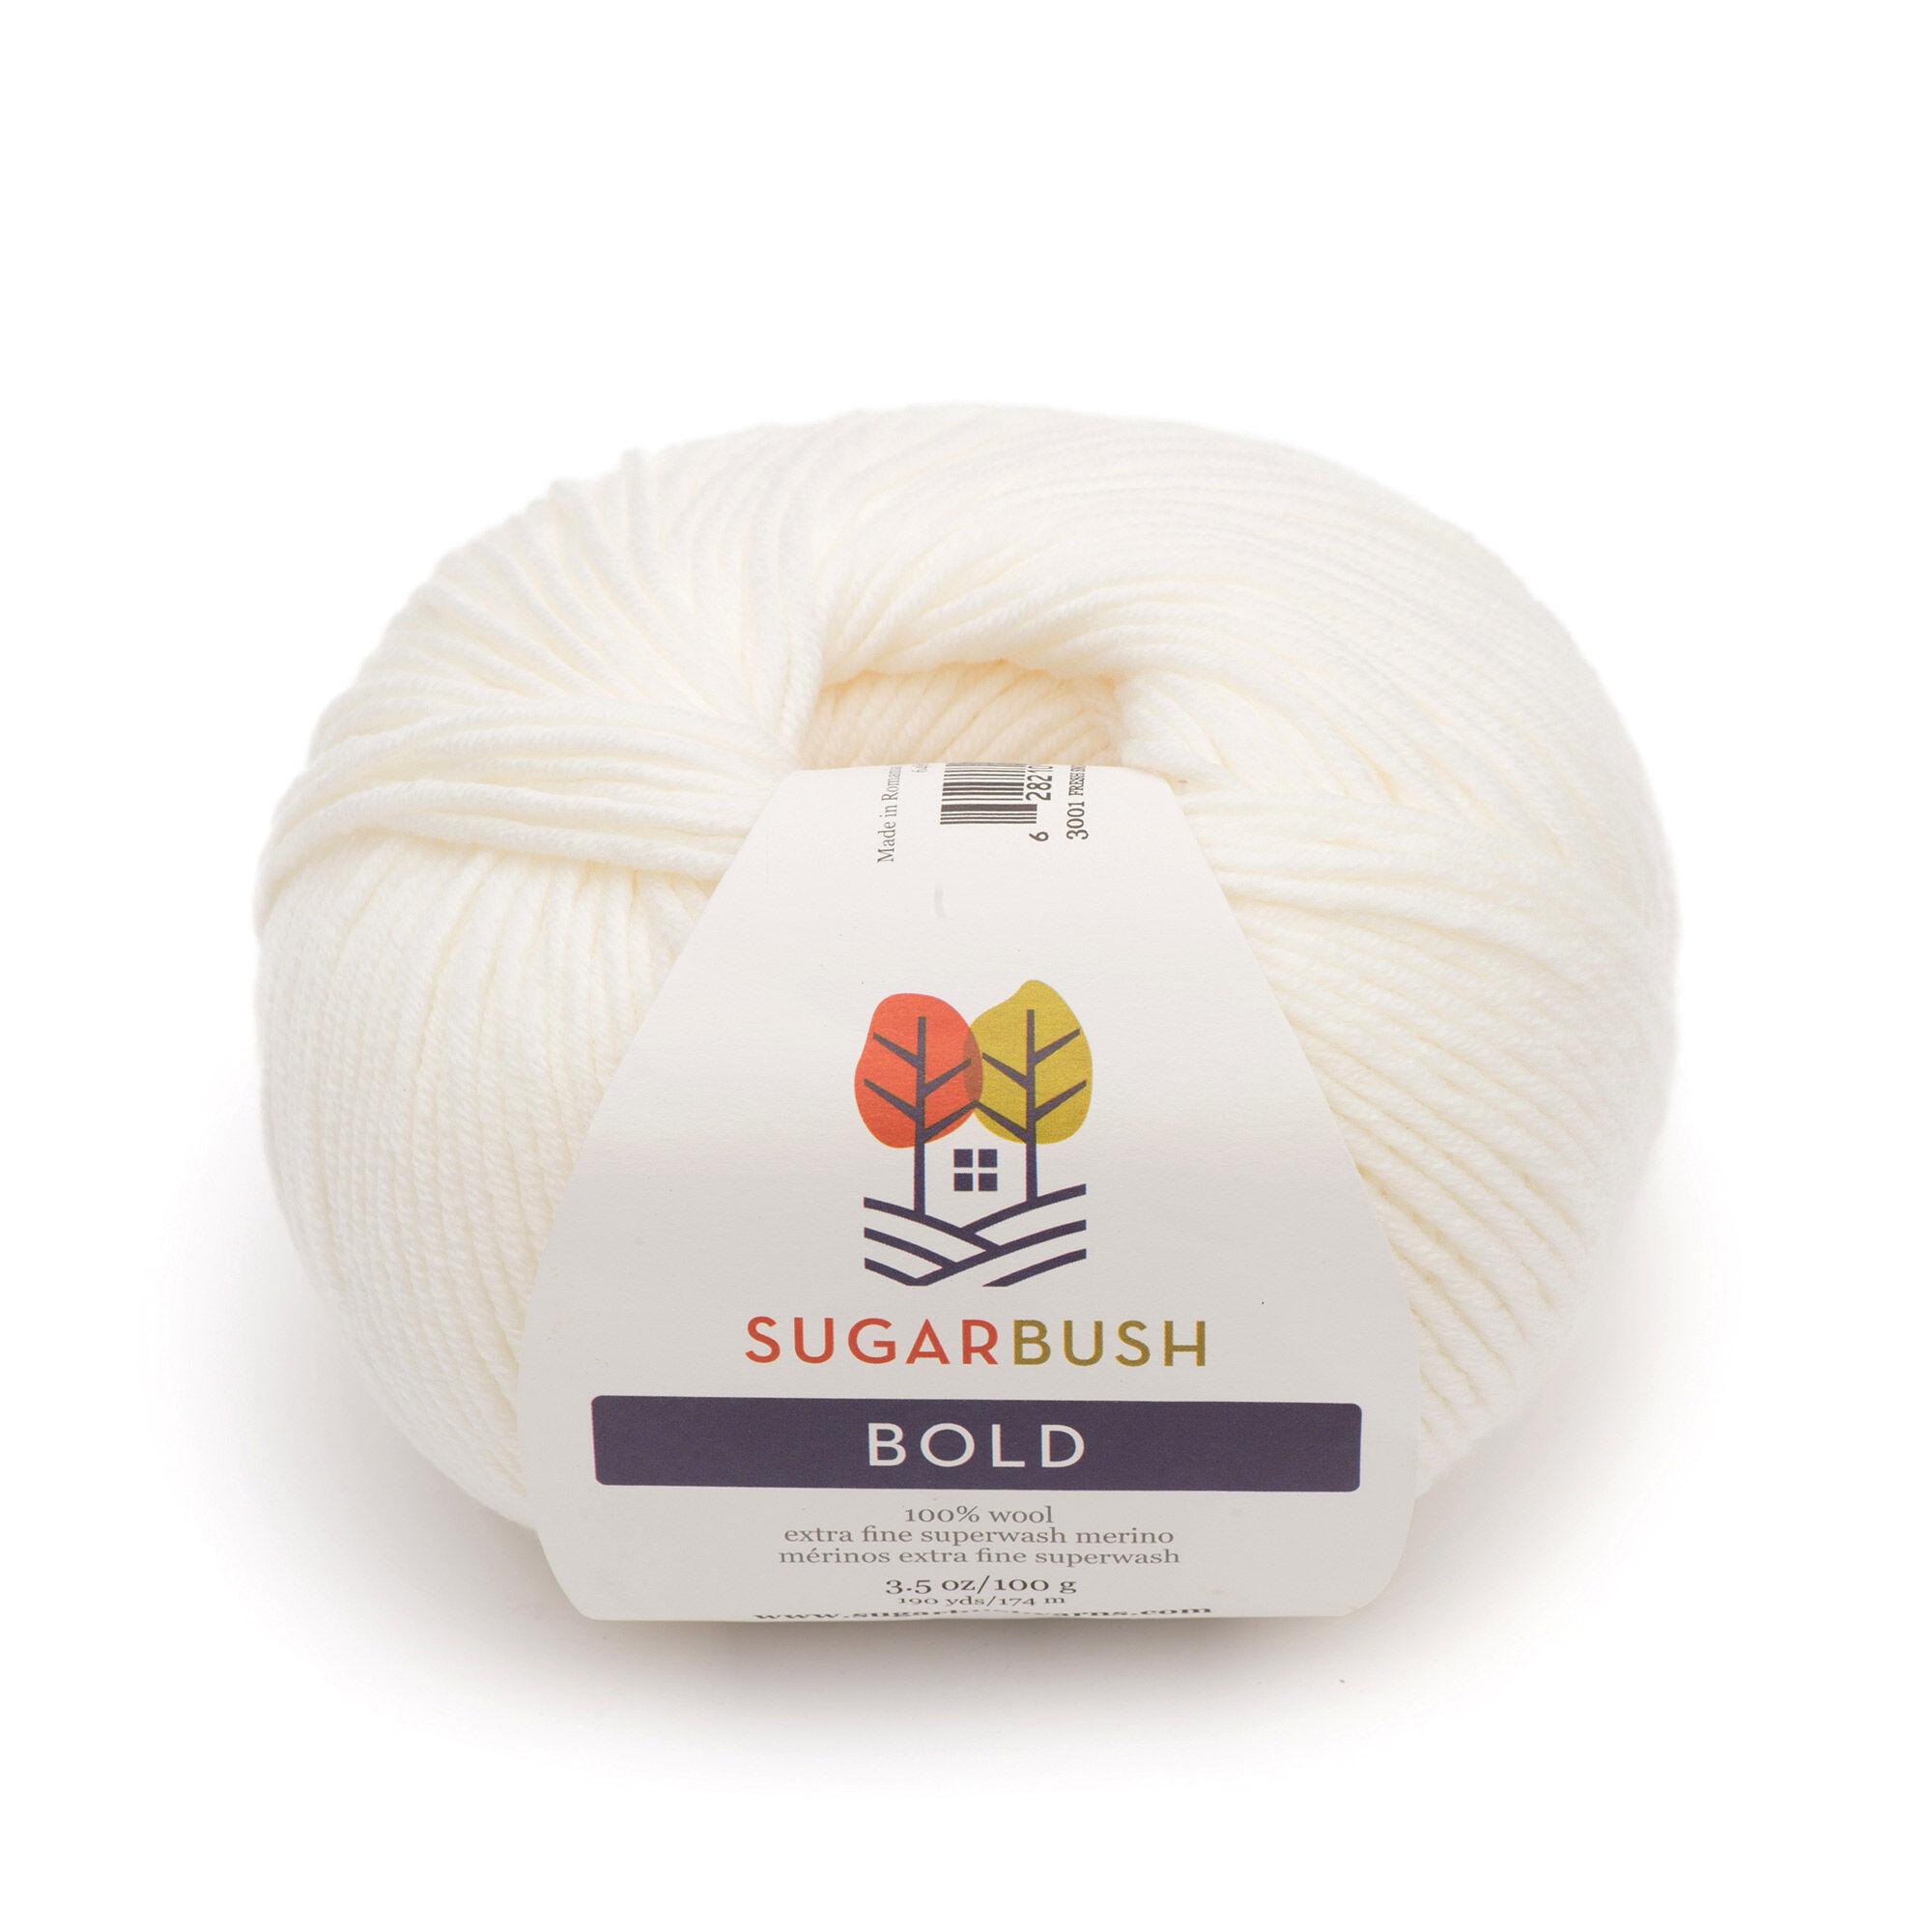 Red Bay Sugar Bush Yarn Crisp Double Knitting Weight